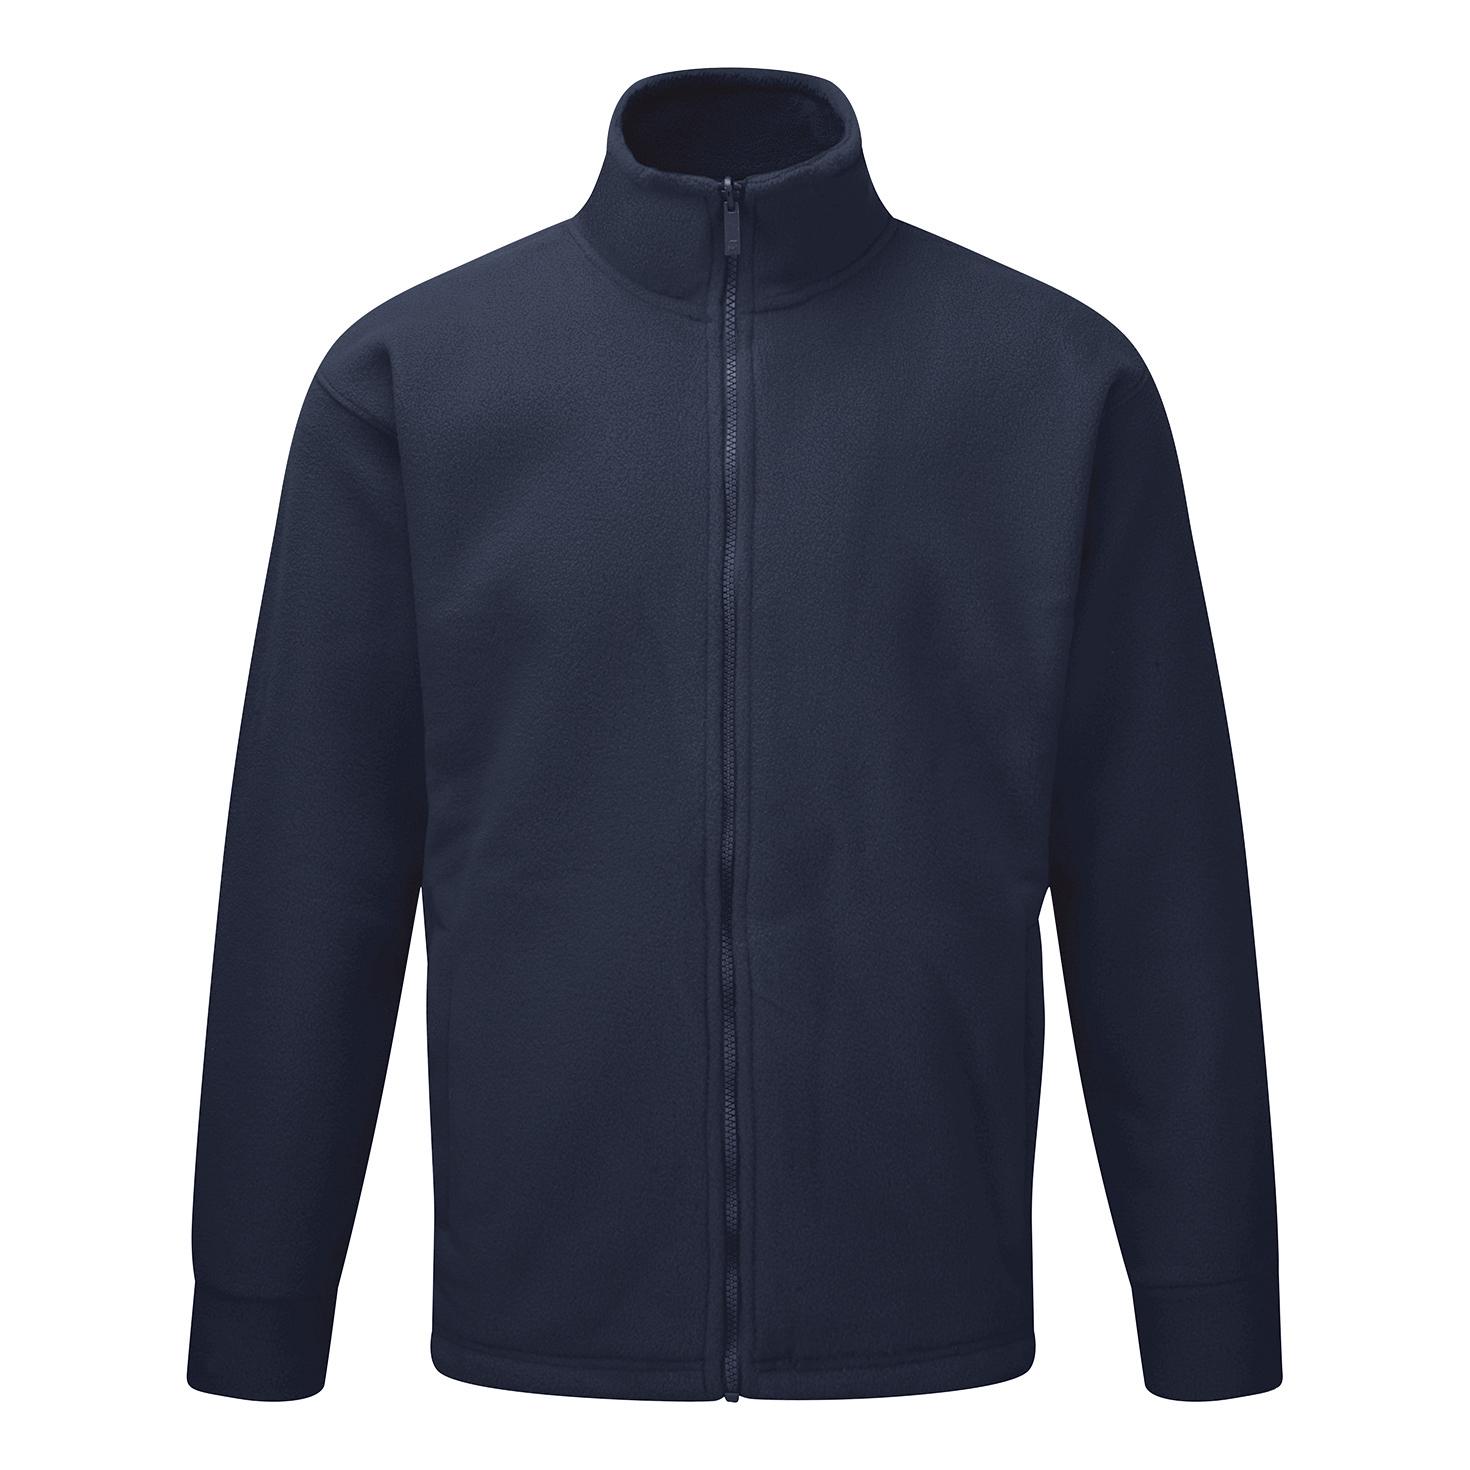 Poly-Cotton Workwear - Fleece Jkt Navy Xxxl